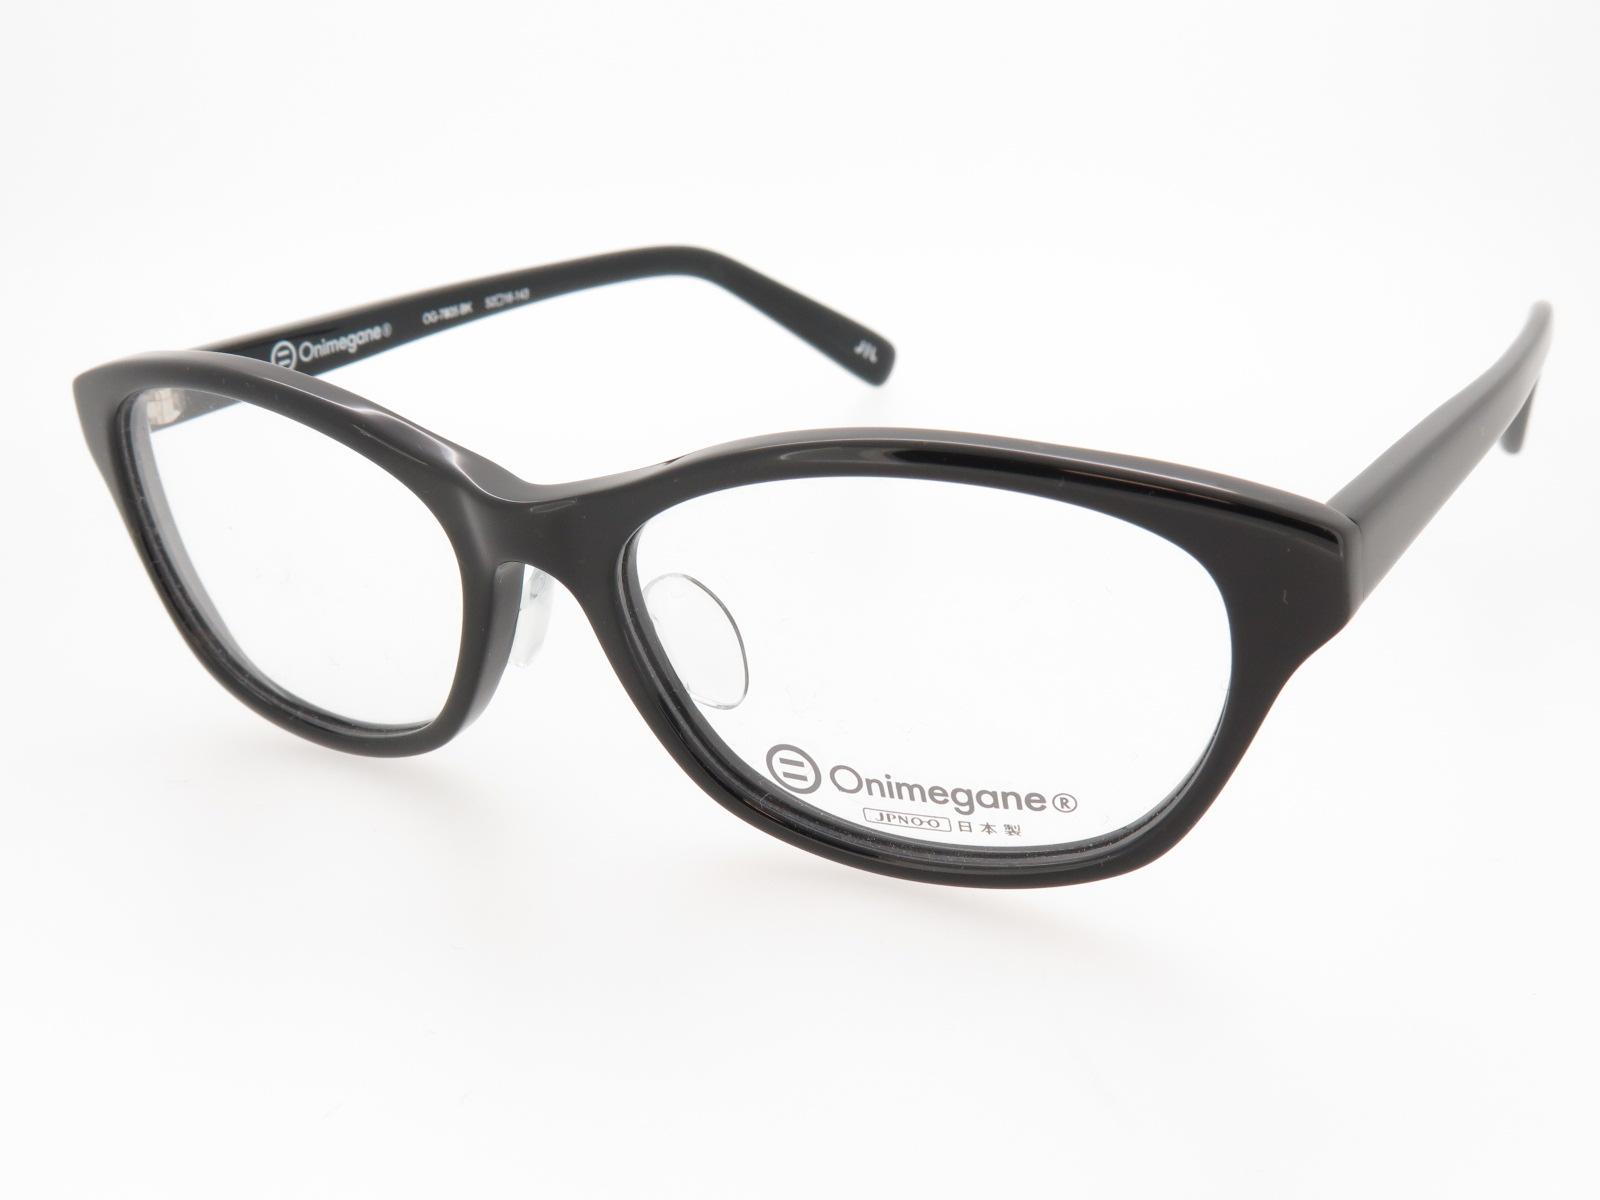 Onimegane おにめがね メガネフレーム アセテート OG7805 BK ブラック